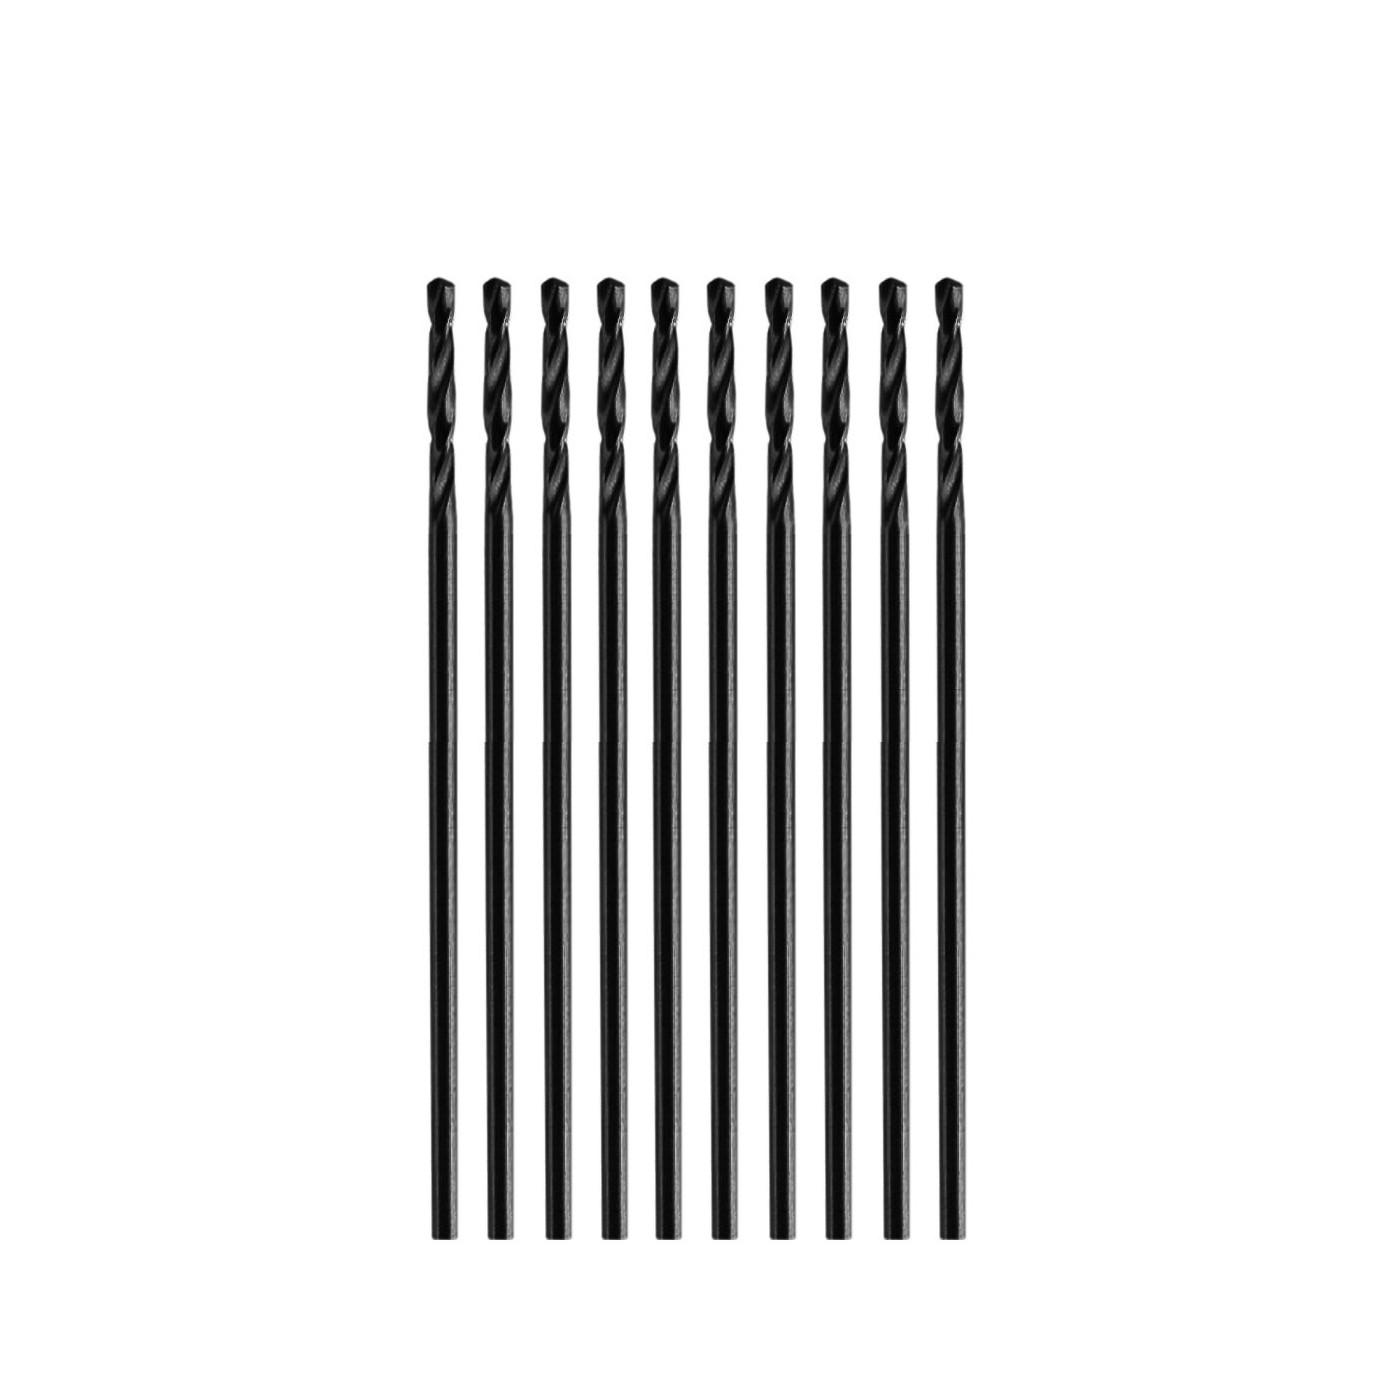 Jeu de 10 petits forets métalliques (1,5x40 mm, HSS-R)